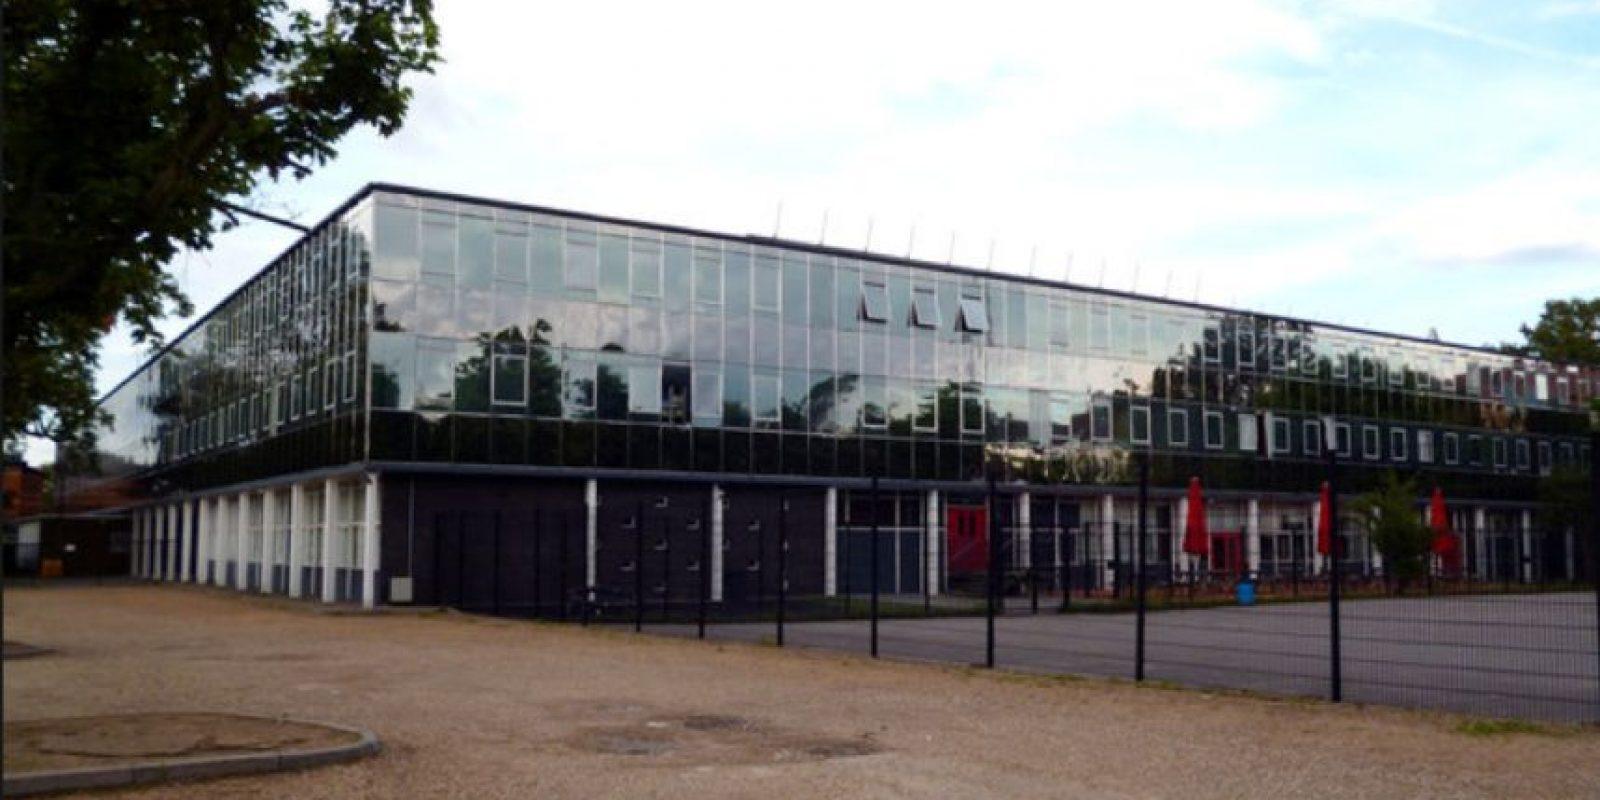 Las autoridades decidieron no evacuar las instalaciones. Foto:geograph.org.uk